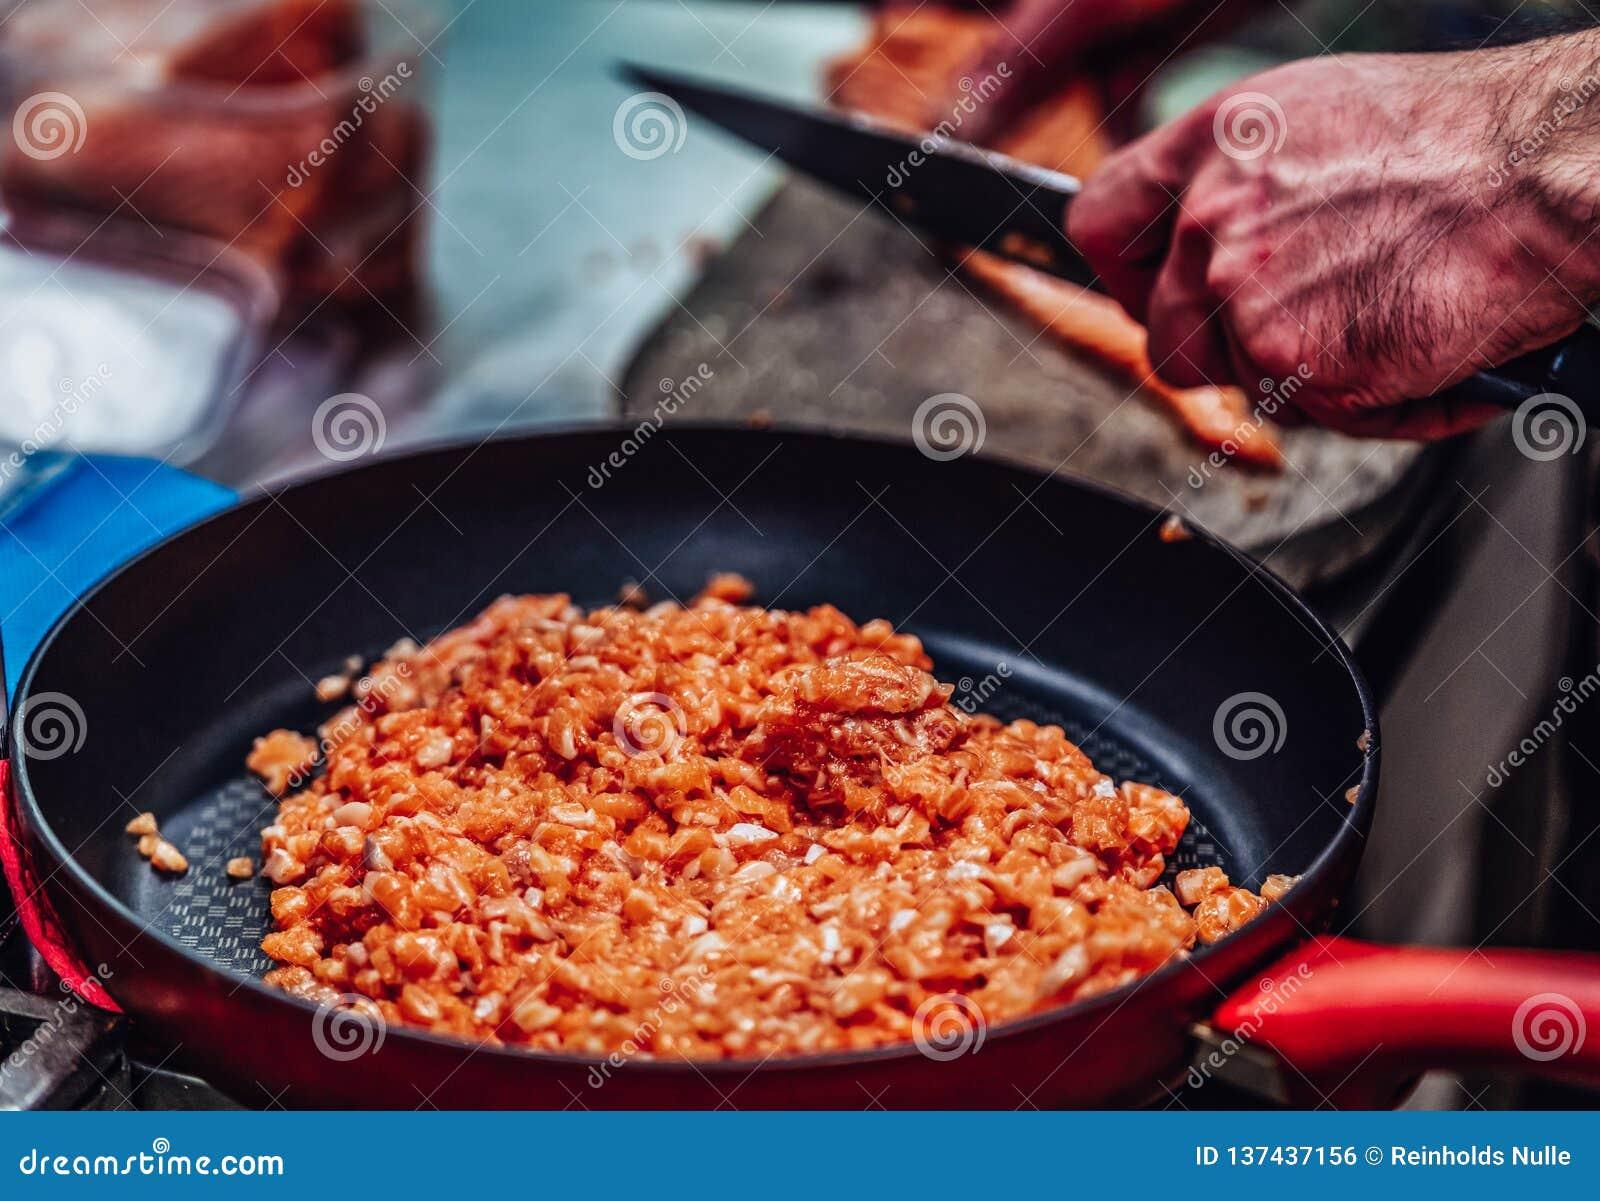 Röd panna med högen av snittet Salmon Pieces i förgrunden, manlig kock Cutting Fresh Salmon på träbrädet i bakgrunden -